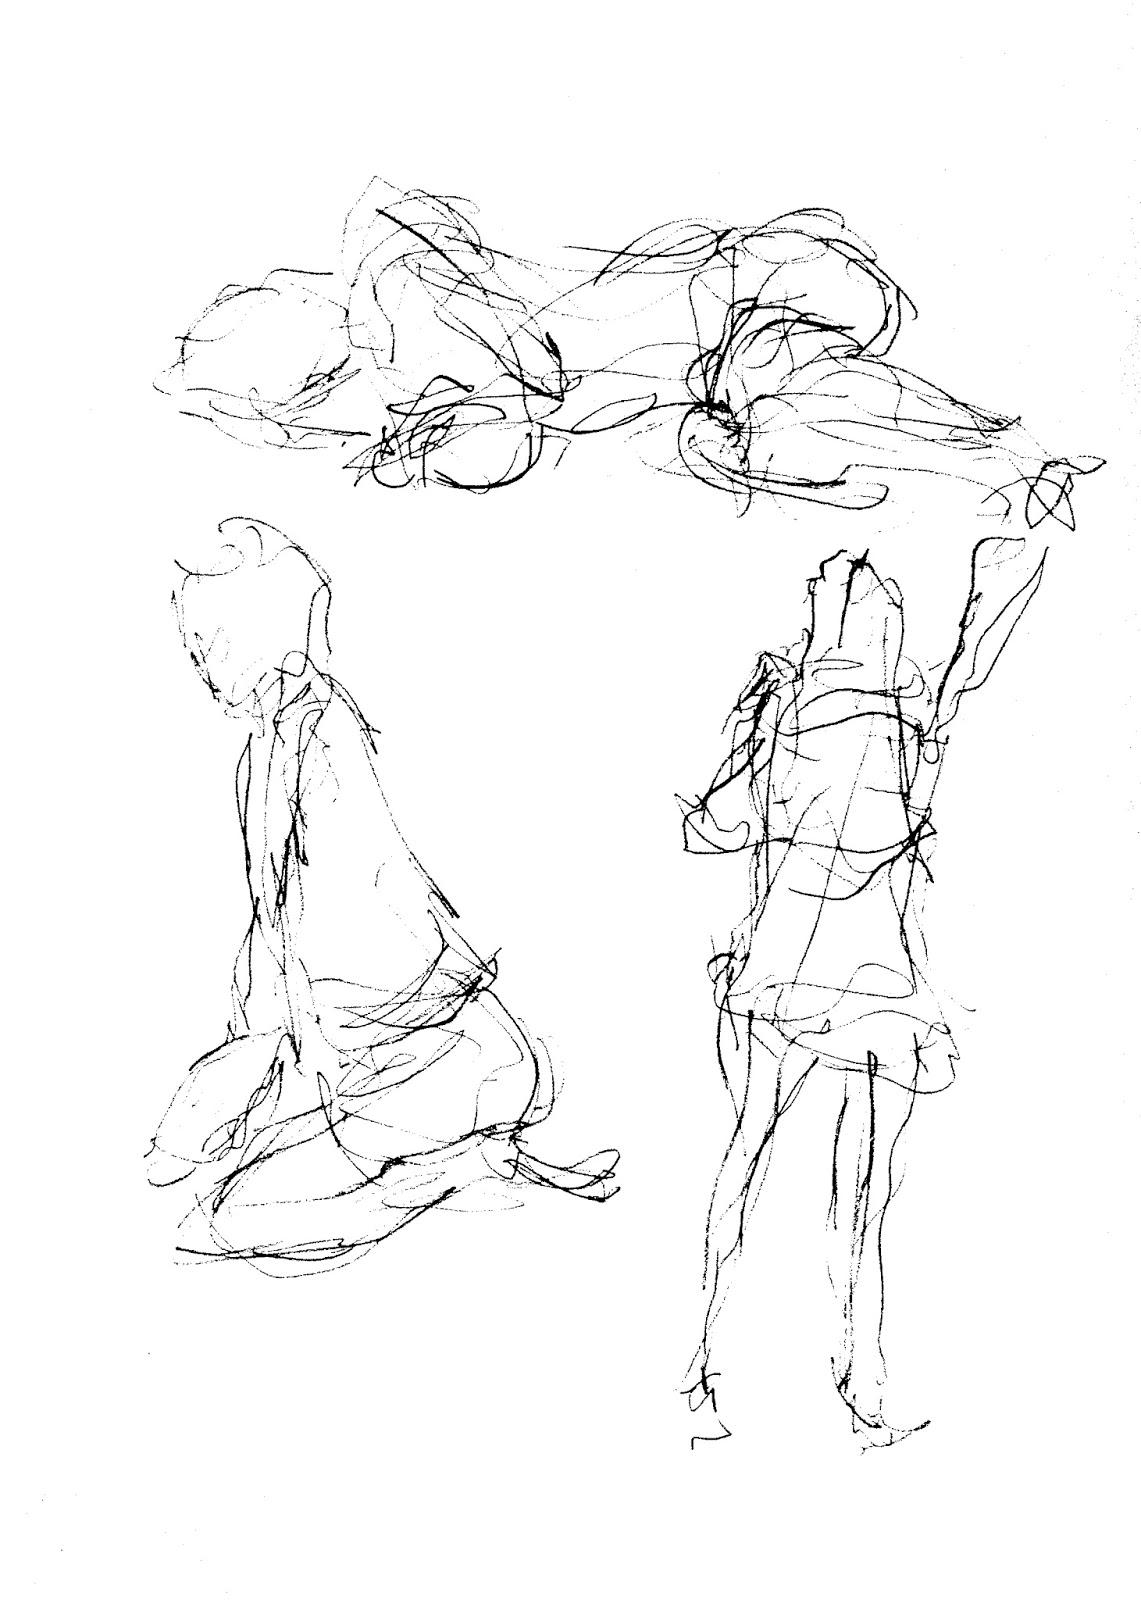 Gesture Matisse Drawing 9